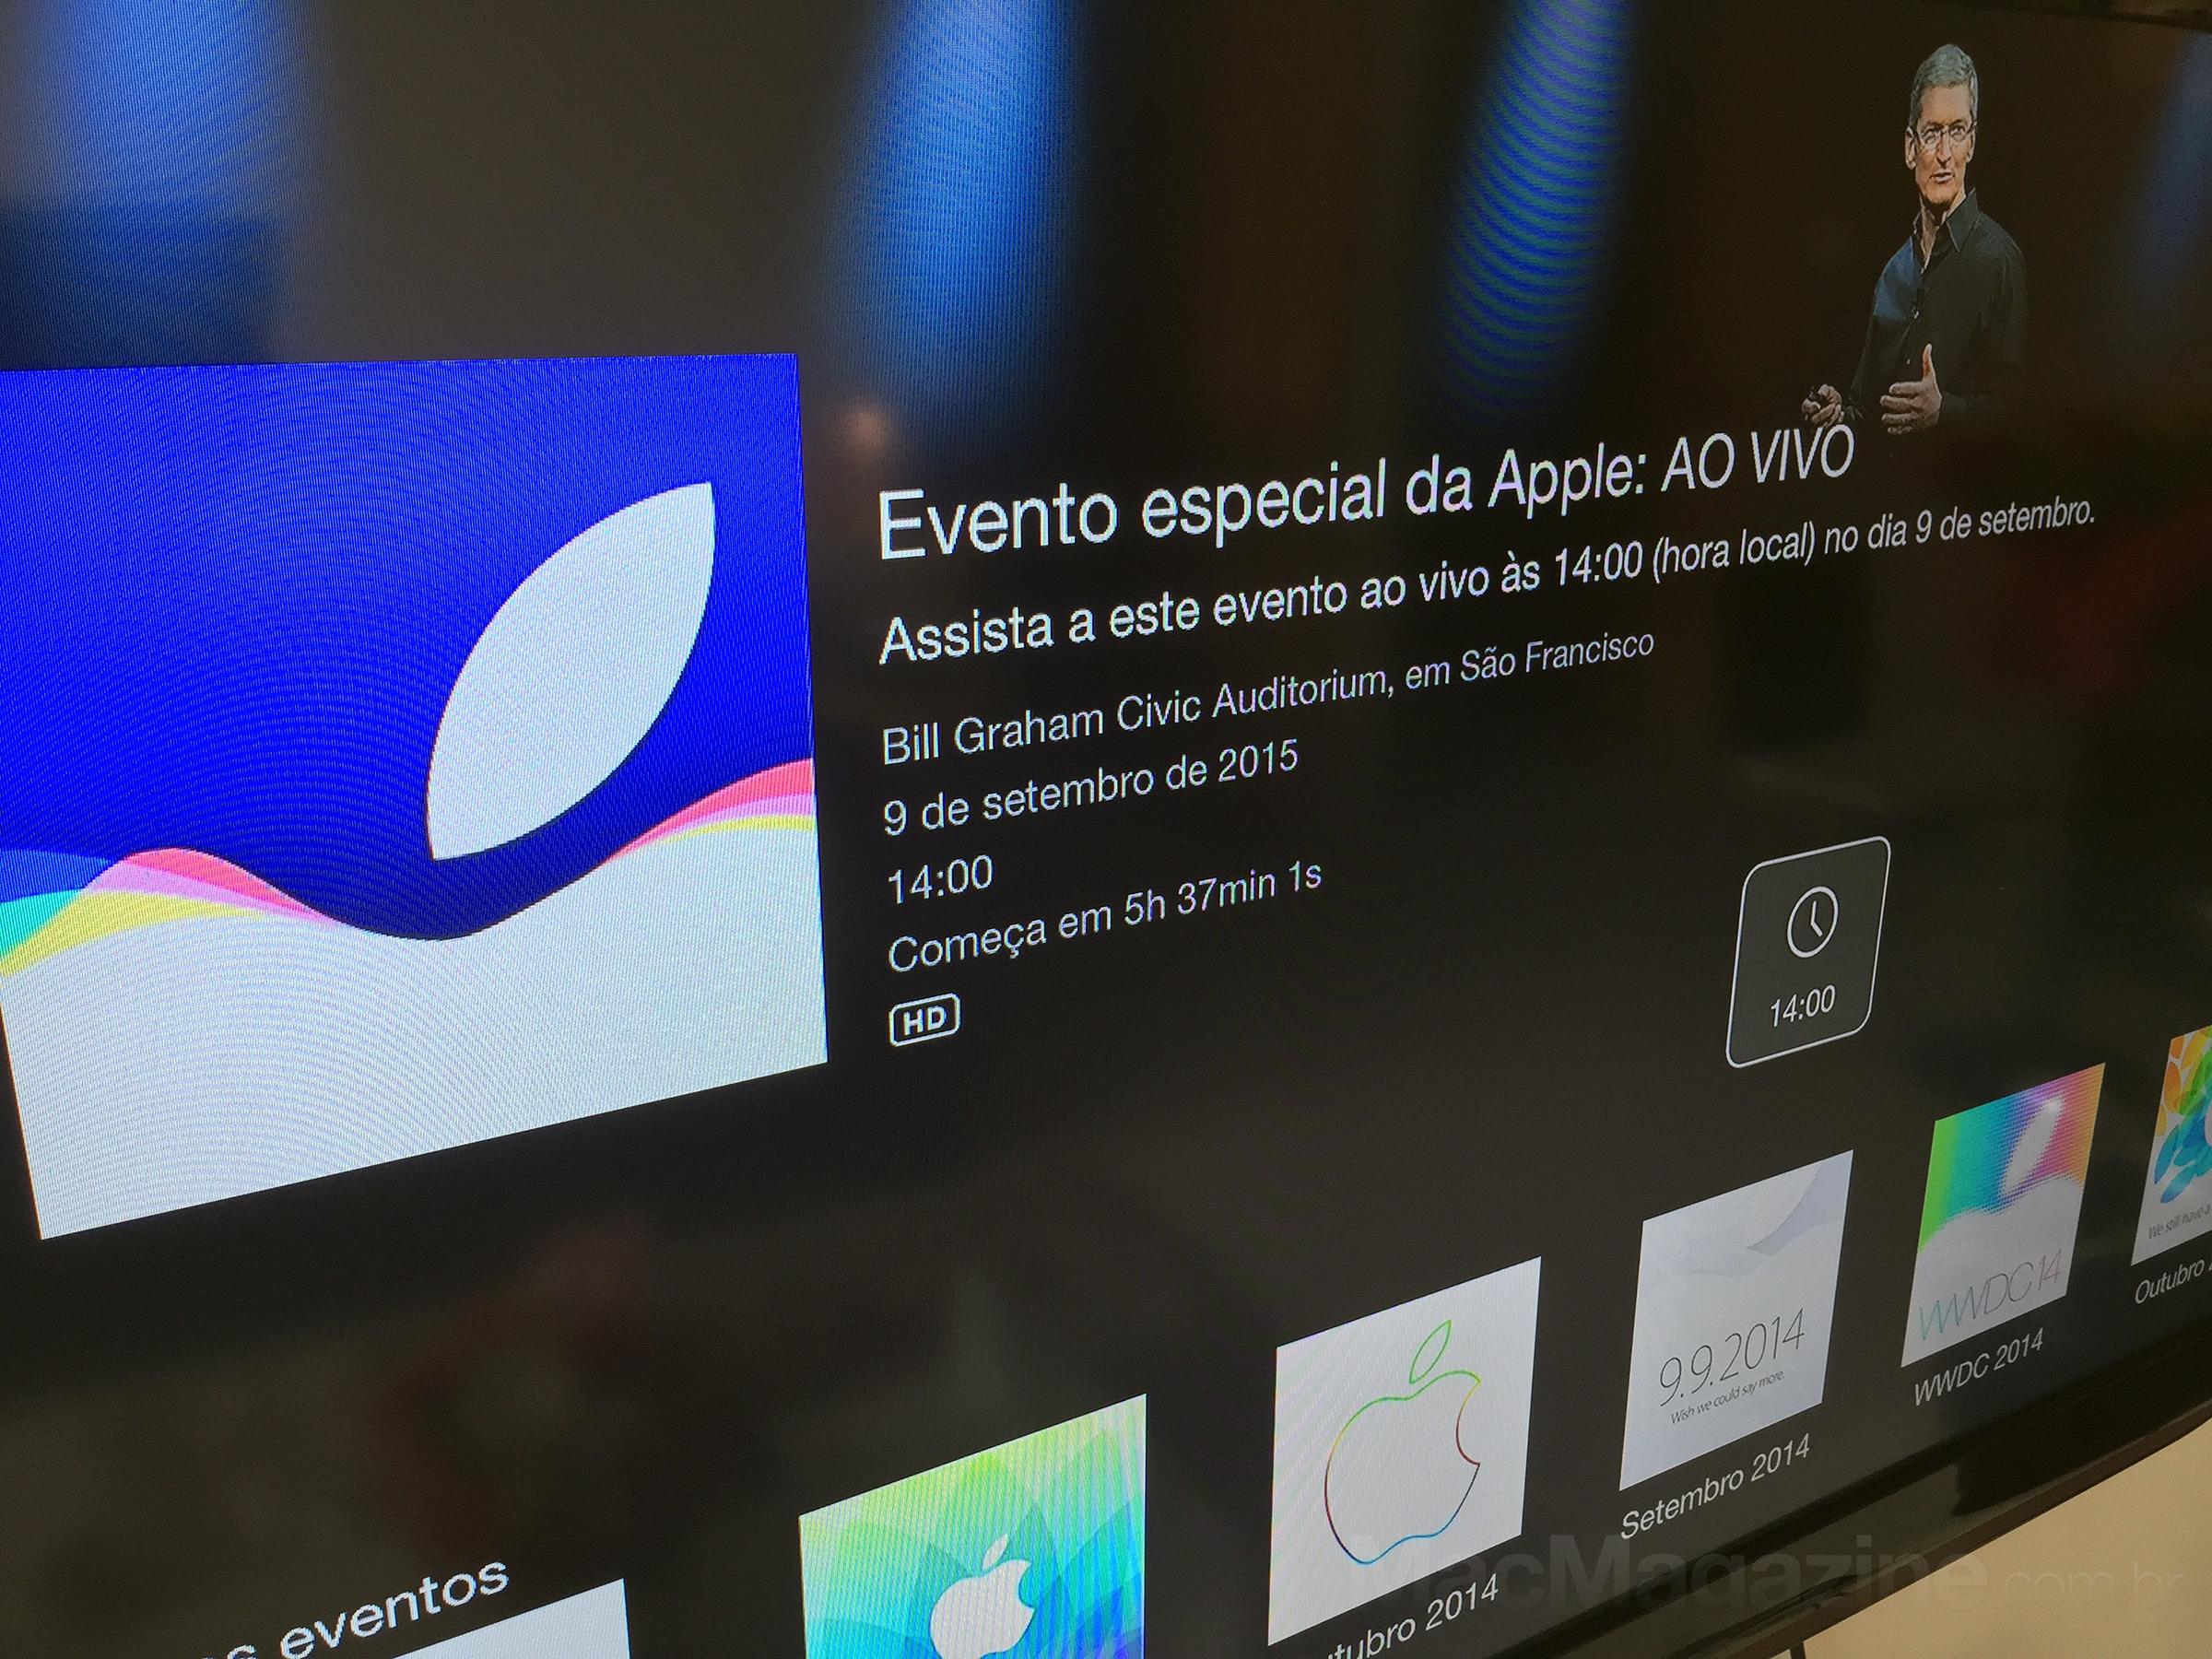 Canal do evento especial na Apple TV